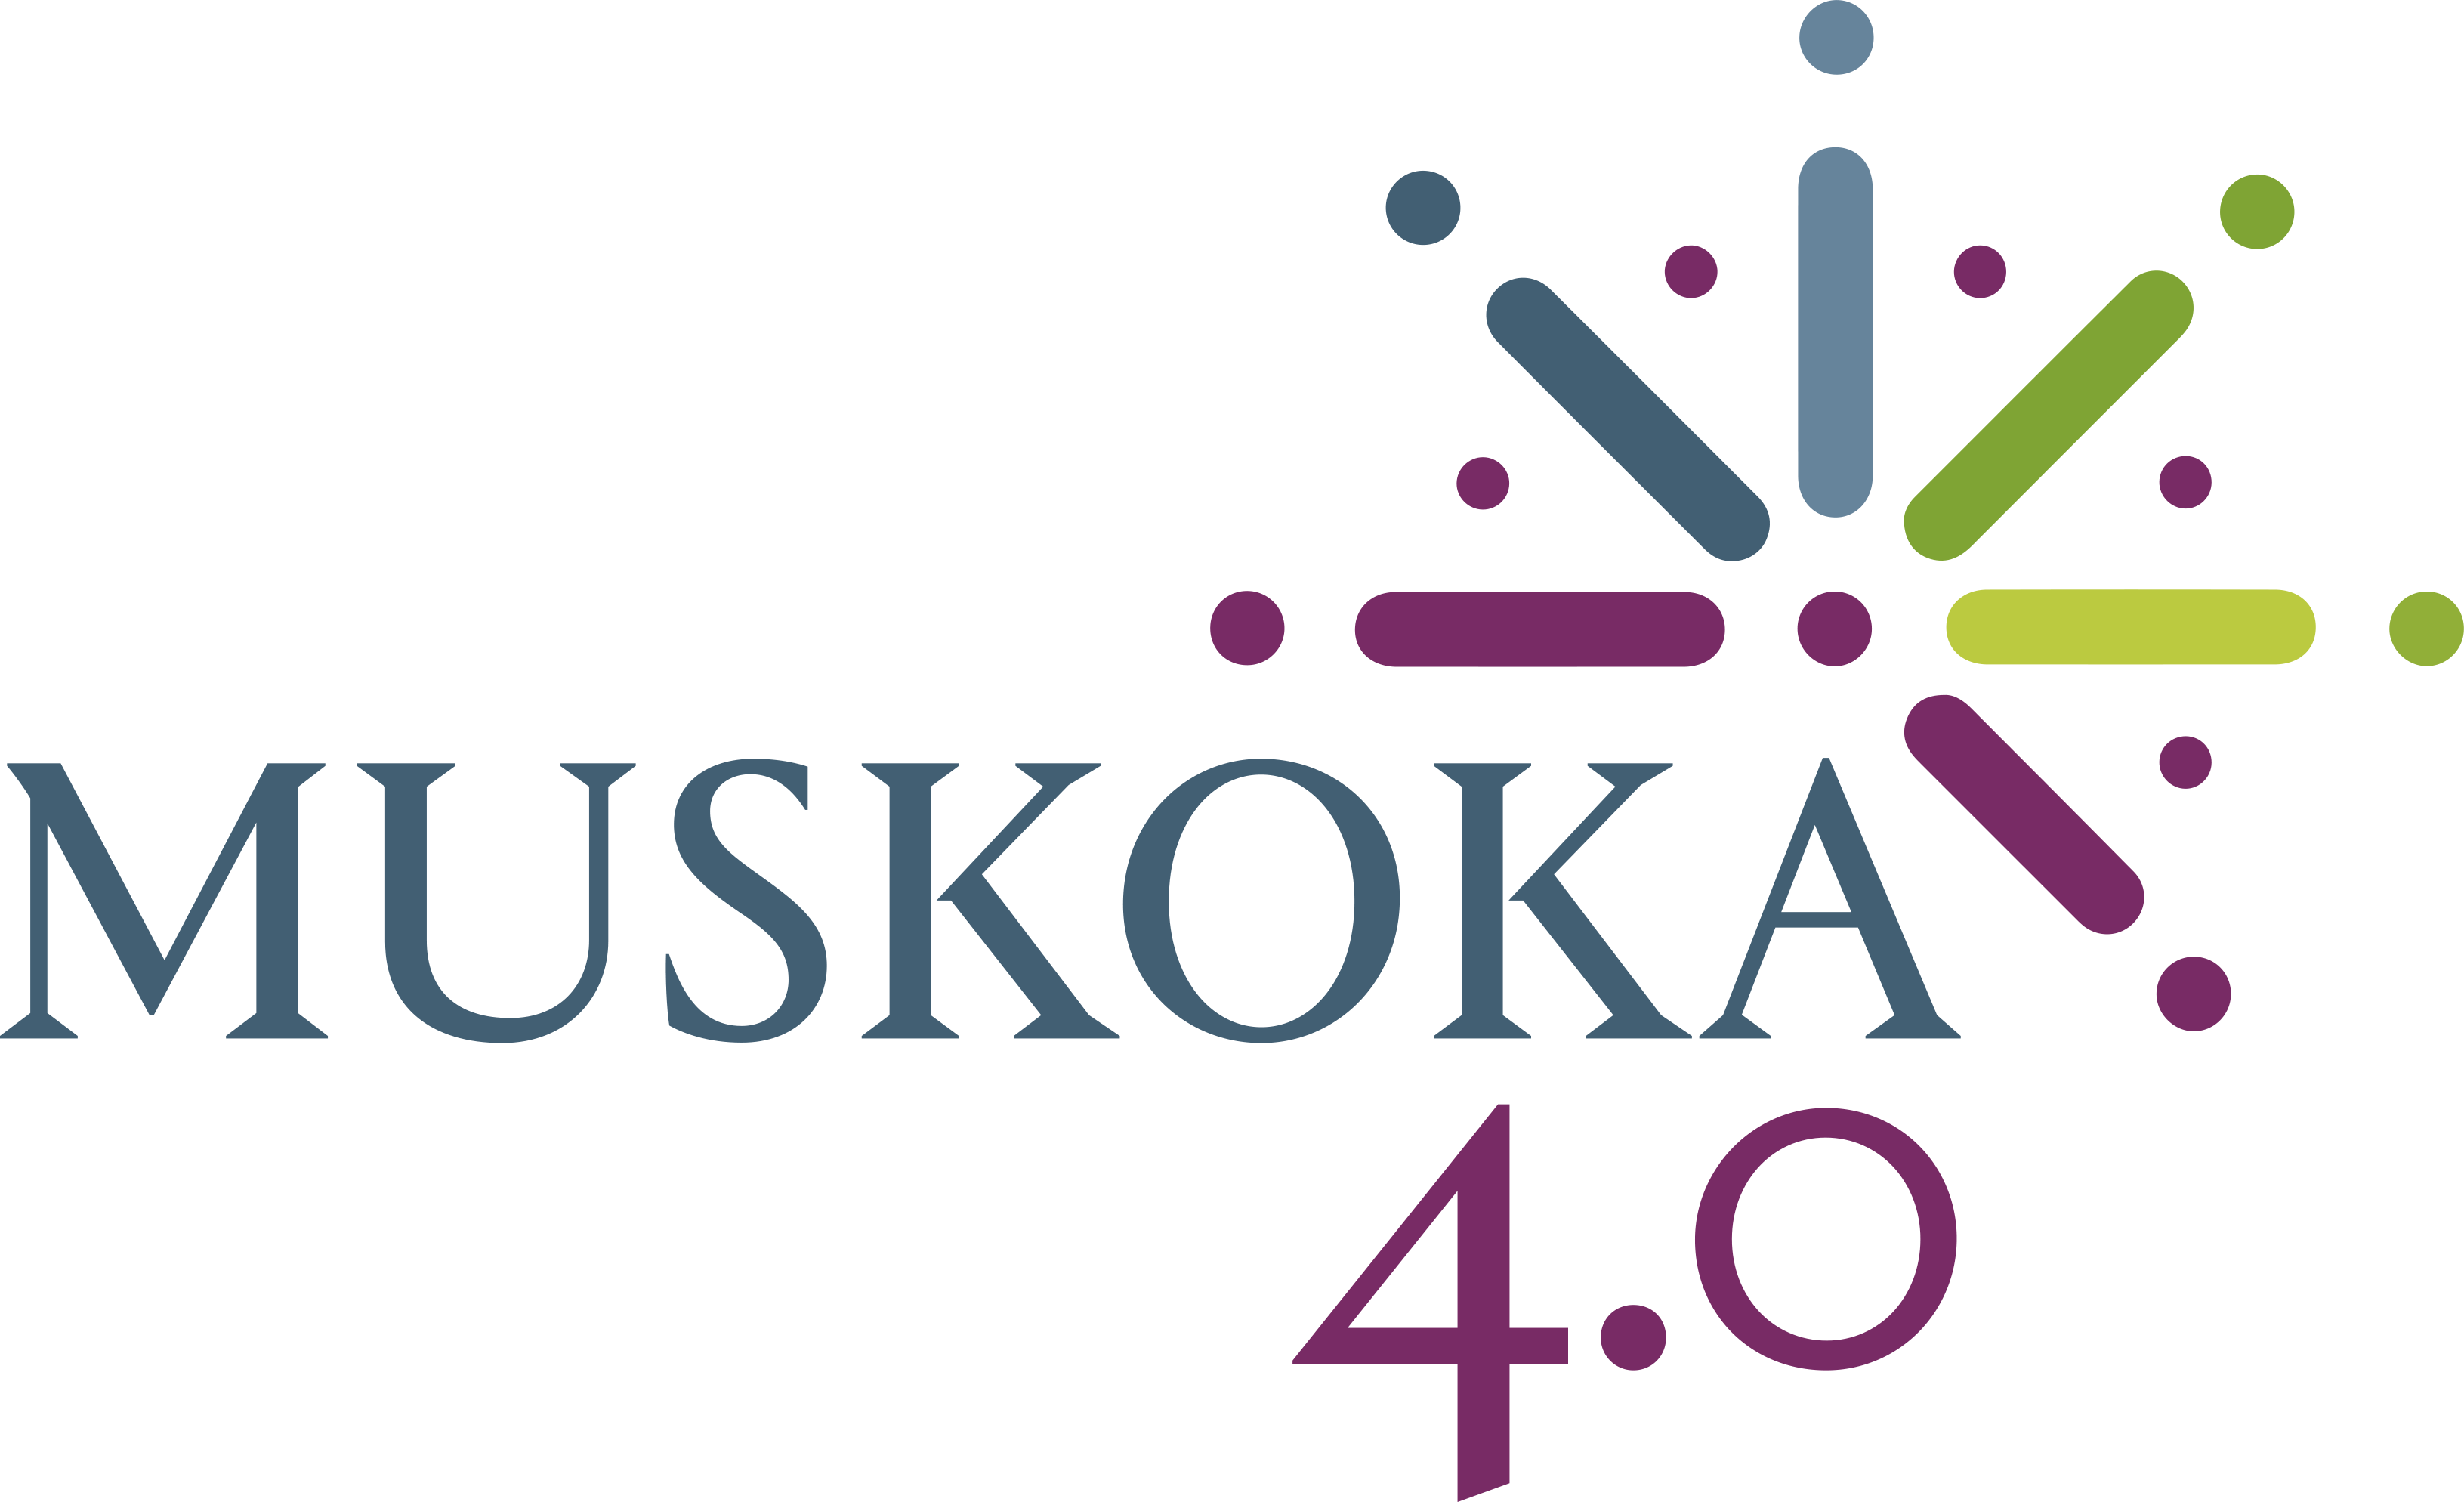 Muskoka 4.0 Startup Competition